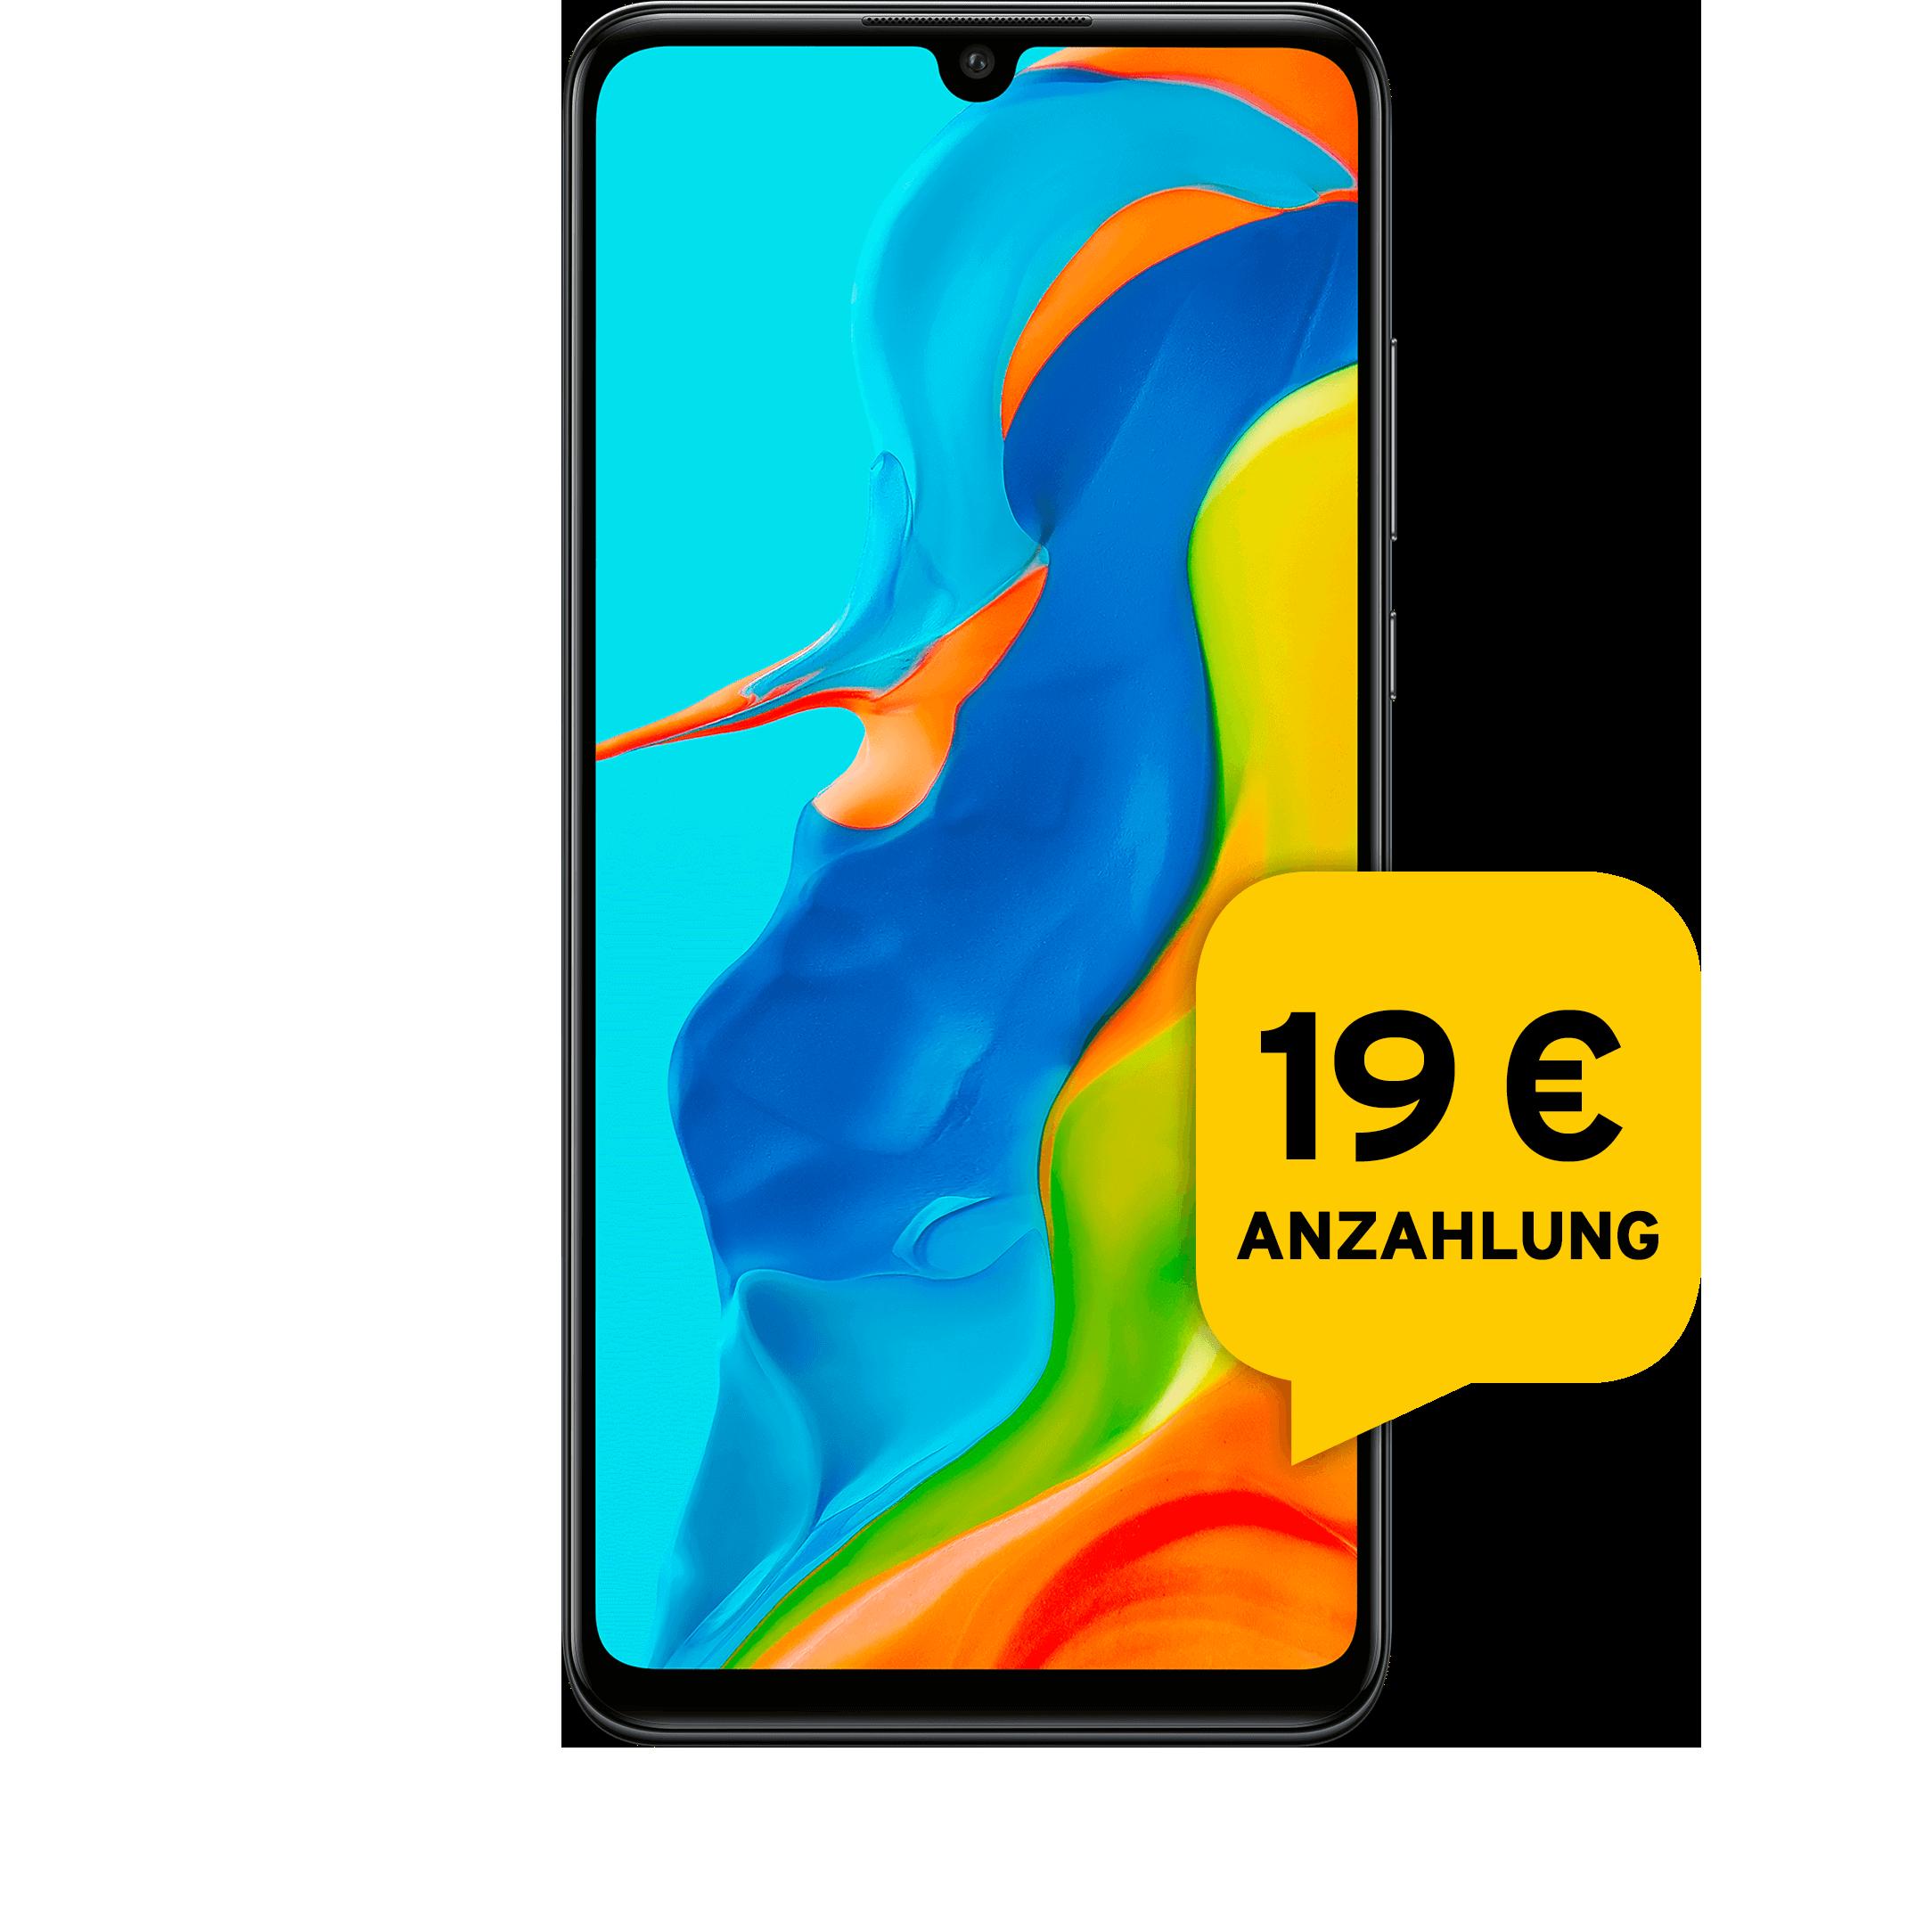 Günstig Kaufen beim Preisvergleich-Huawei P30 lite New Edition 256 GB schwarz Aktion mit Allnet Flat L